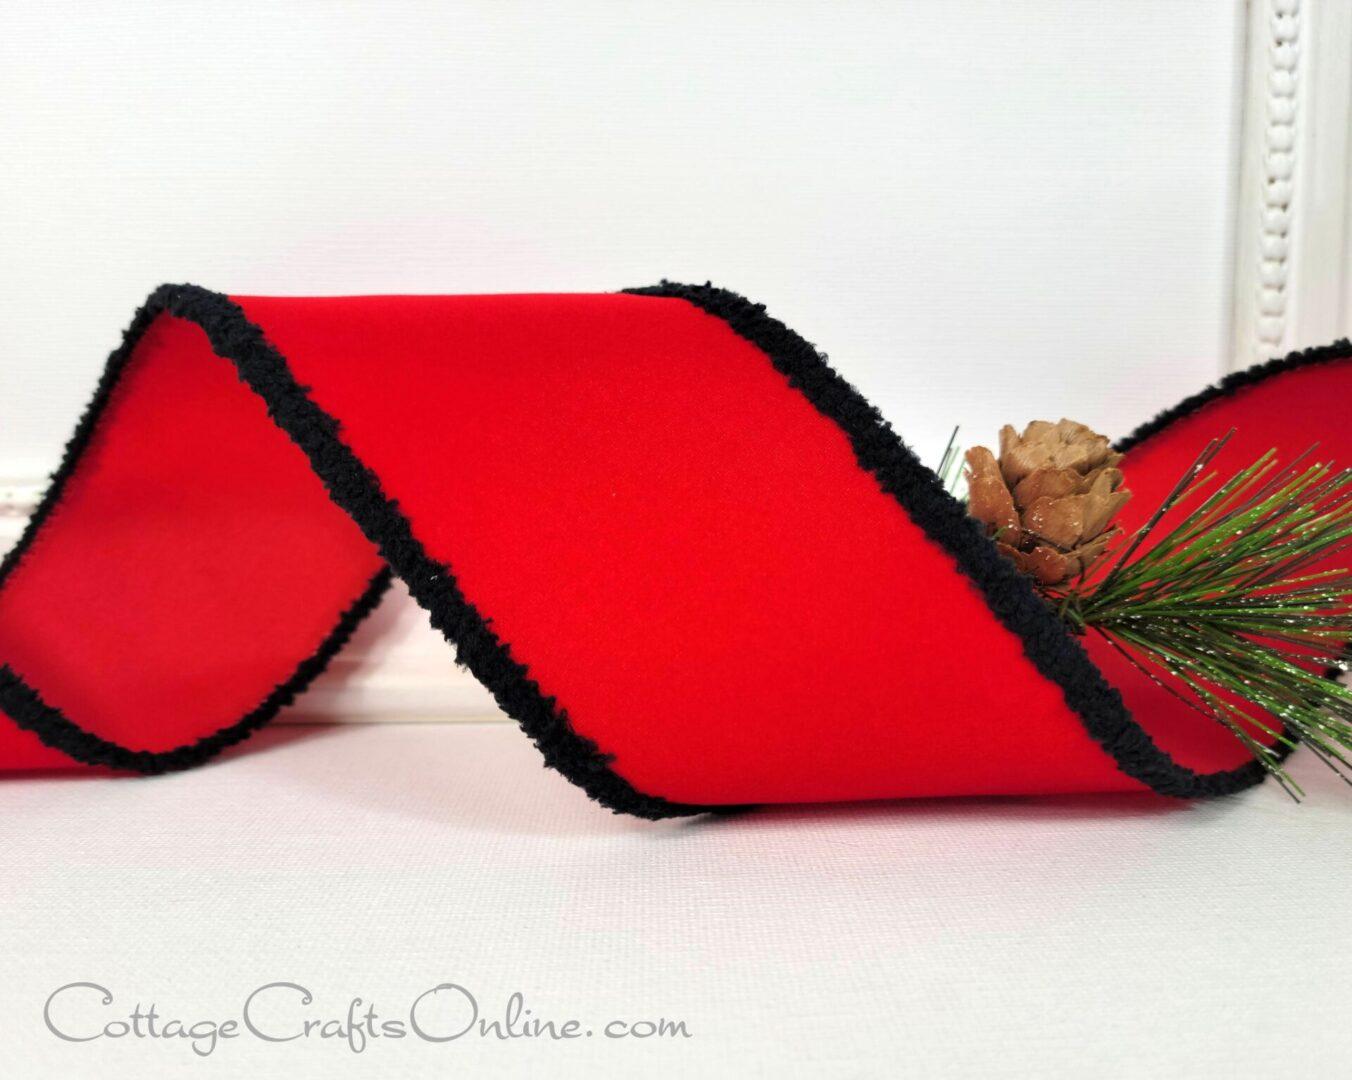 red velvet black chenille fuzzy edge 40 cb rg 0 189 302-005